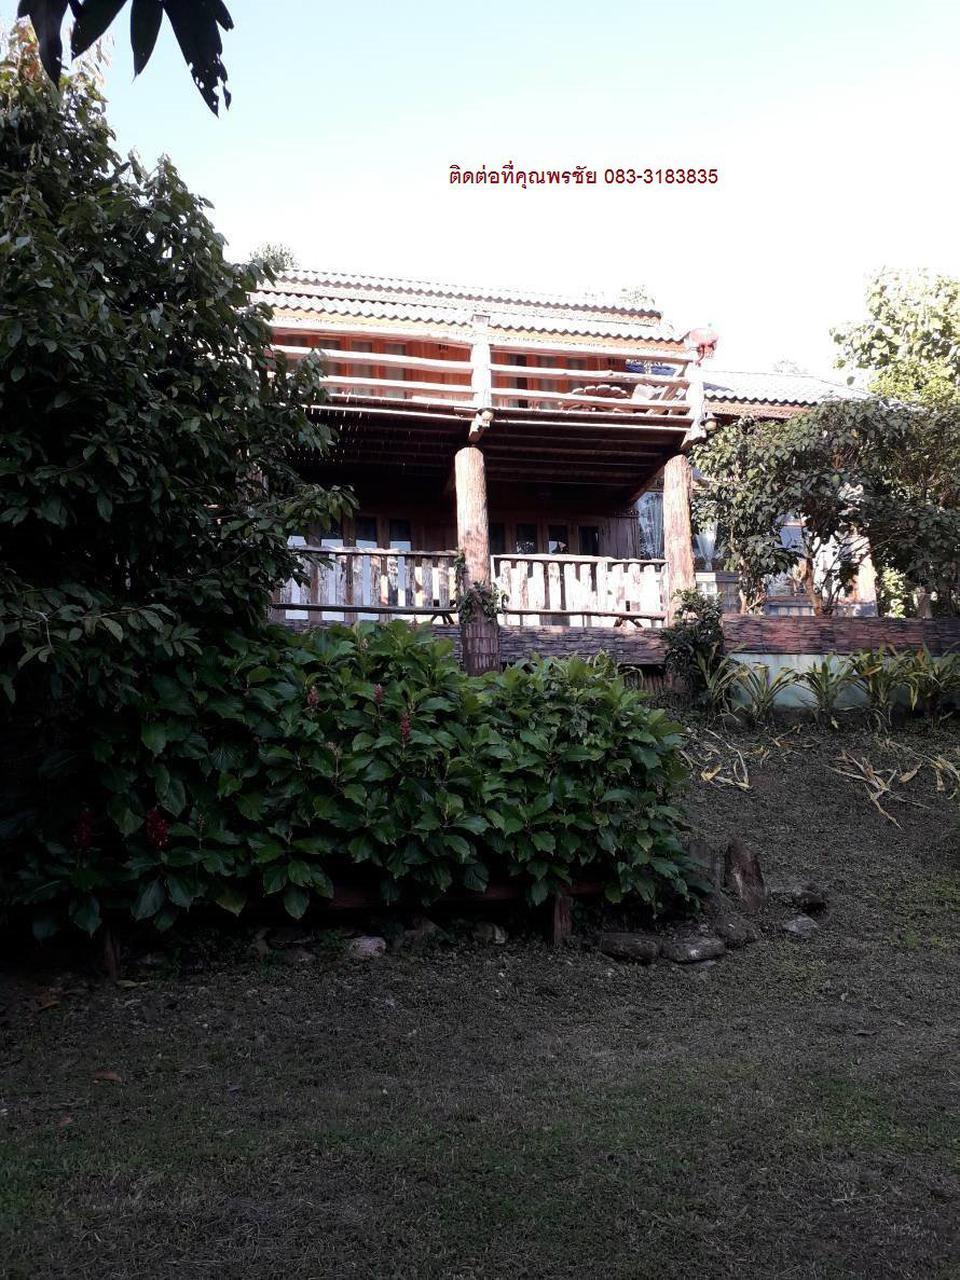 MR83ขายบ้านไม้สองชั้นบนเนินสูงมีเนื่อที่0-3-95ไร่ติดทางหลวงช รูปที่ 4